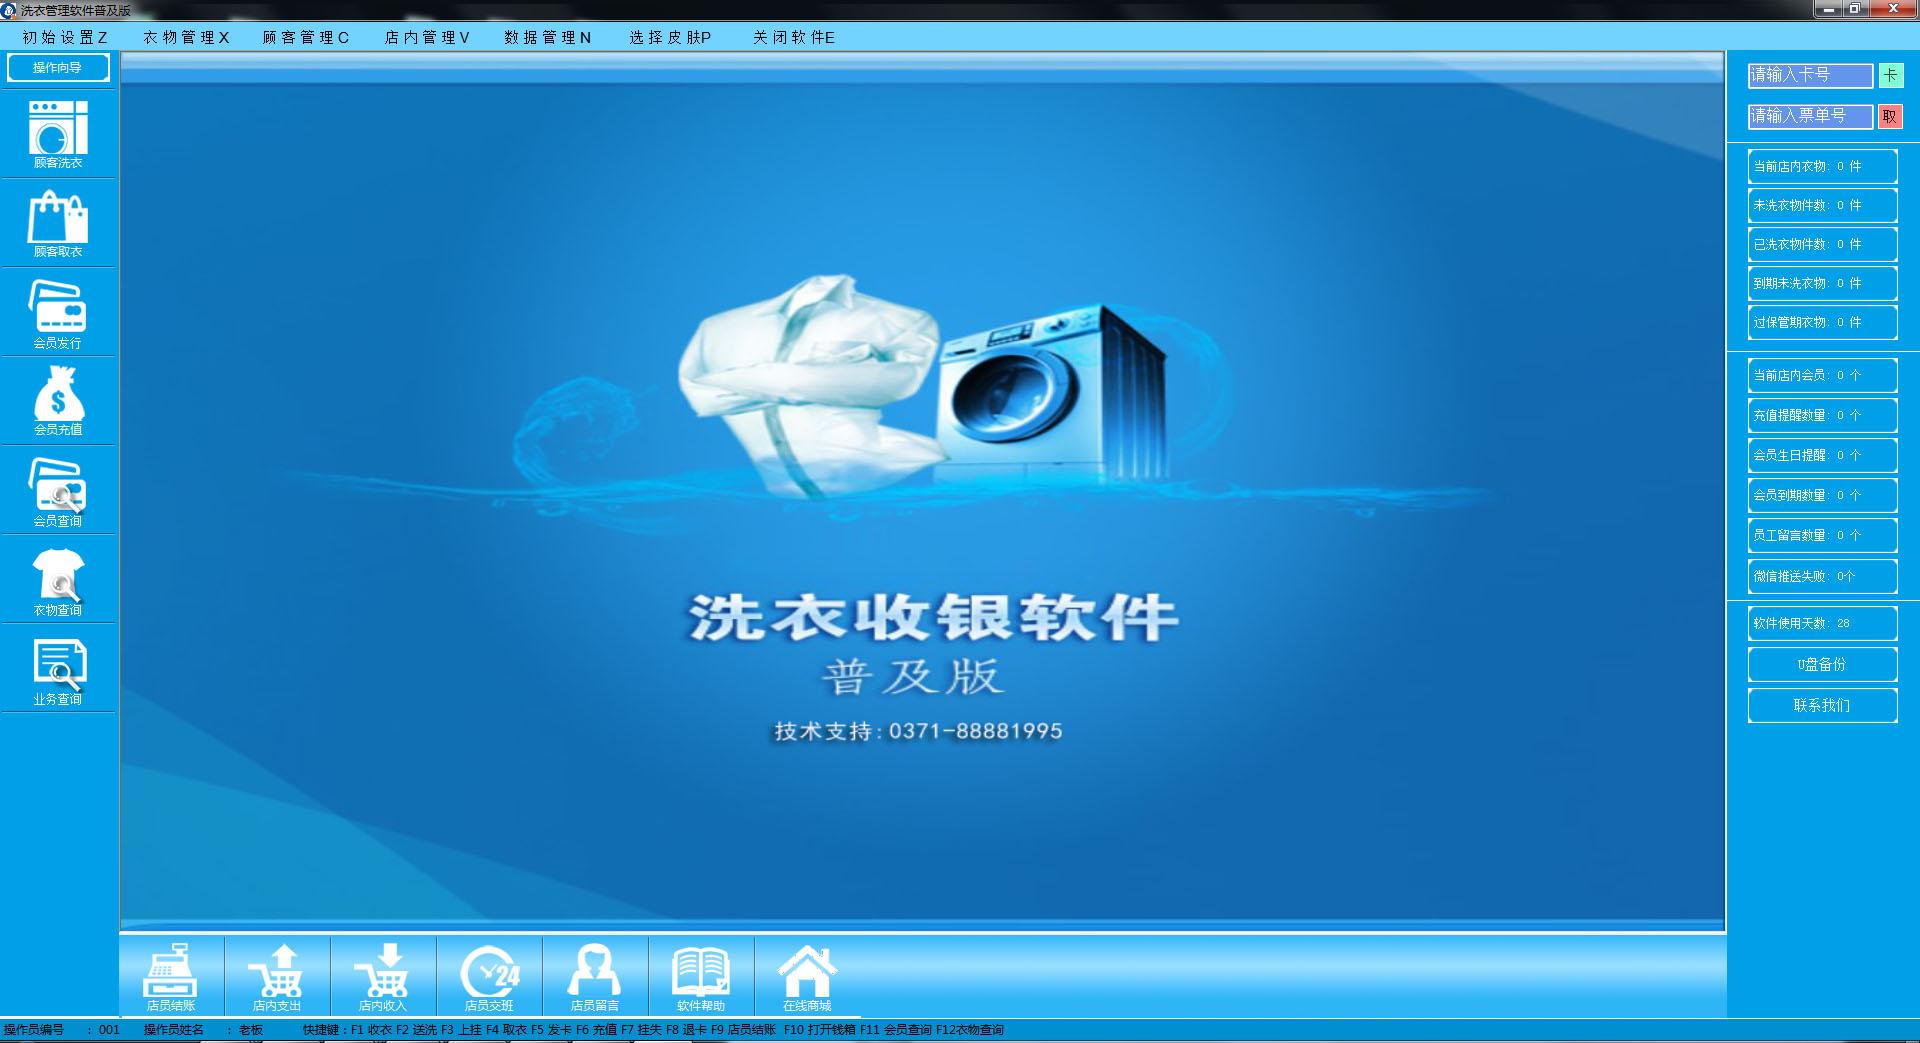 洗衣收银软件免安装版下载